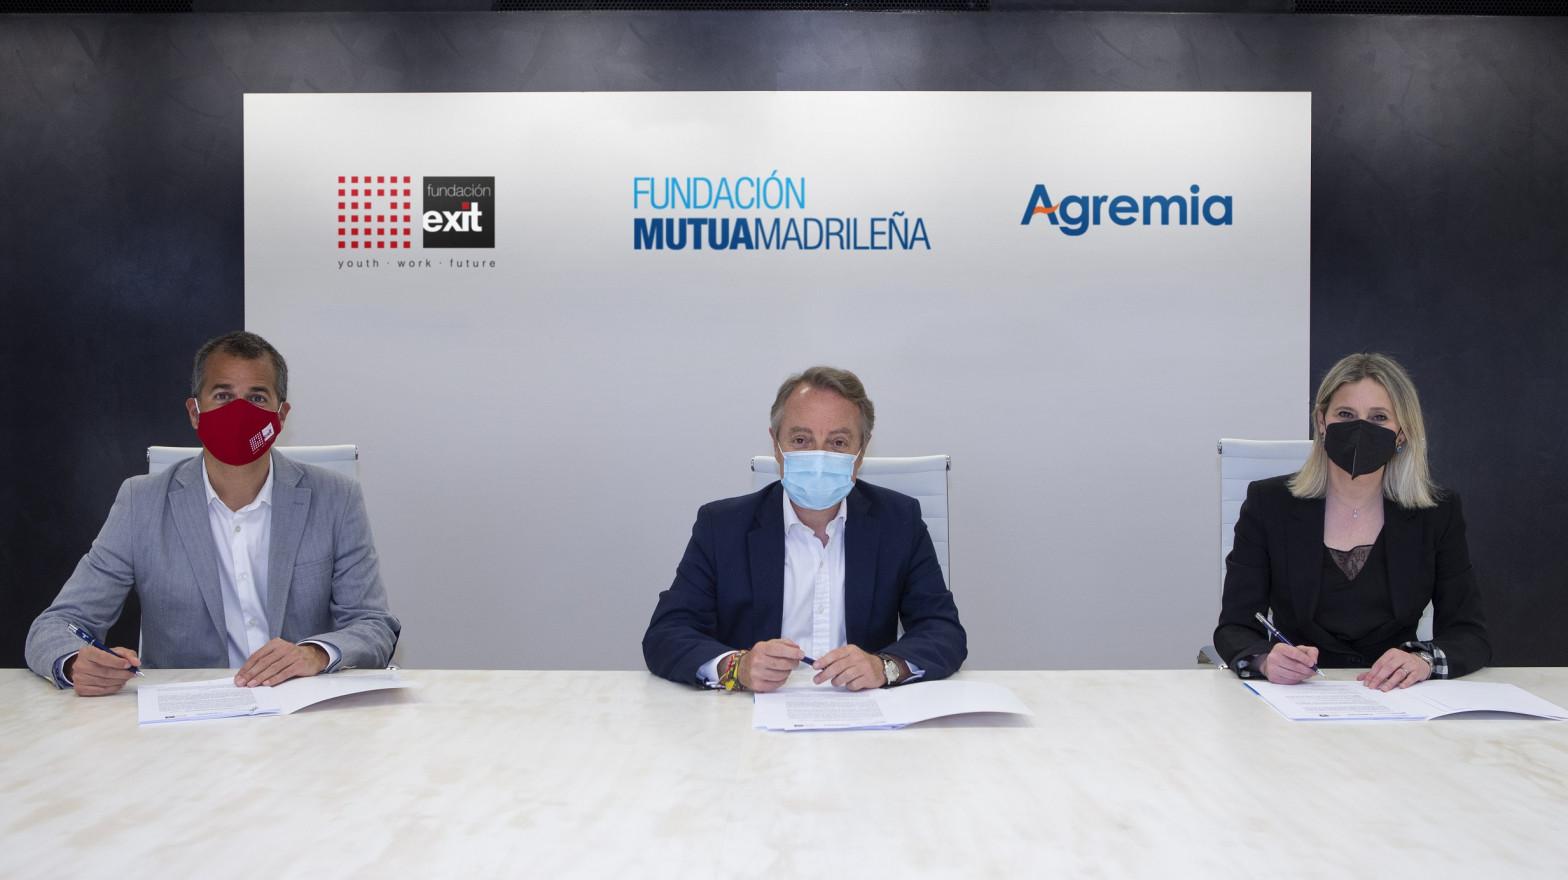 Fundación Mutua Madrileña, Exit y Agremia formarán a jóvenes vulnerables como técnicos de instalaciones de energía